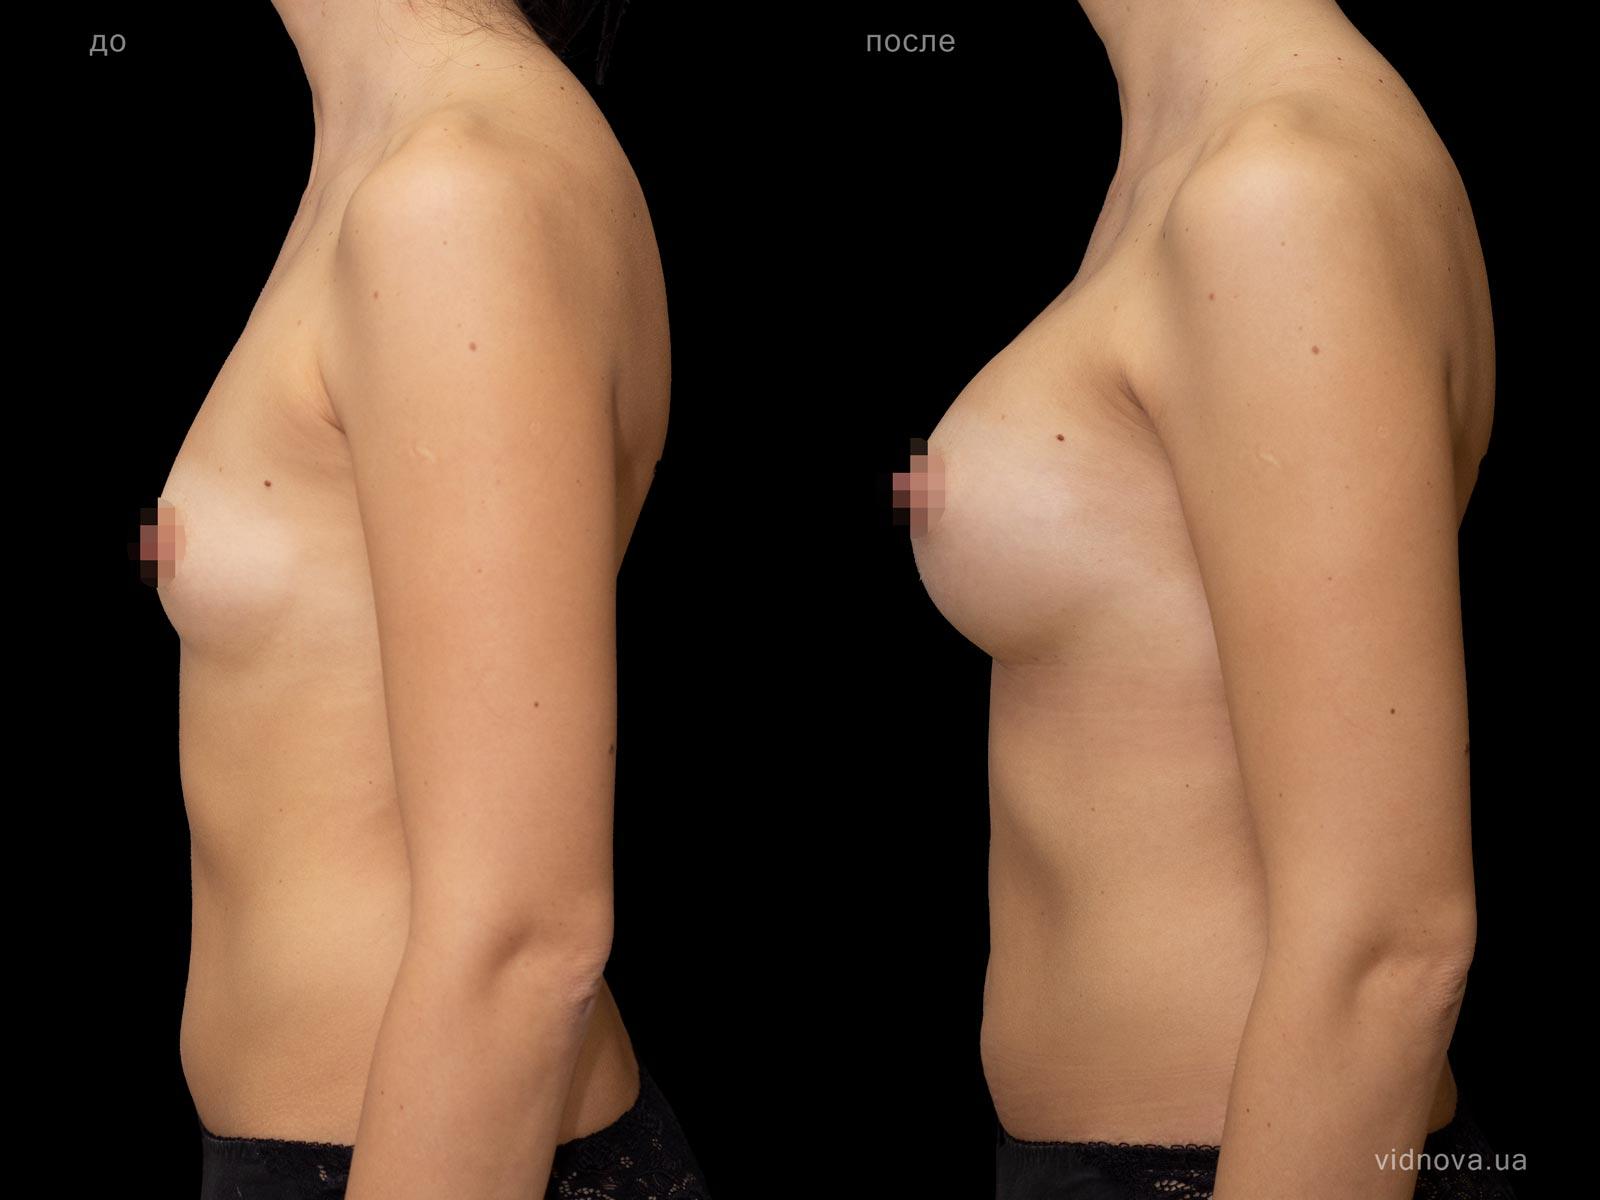 Пластика груди: результаты до и после - Пример №82-2 - Светлана Работенко